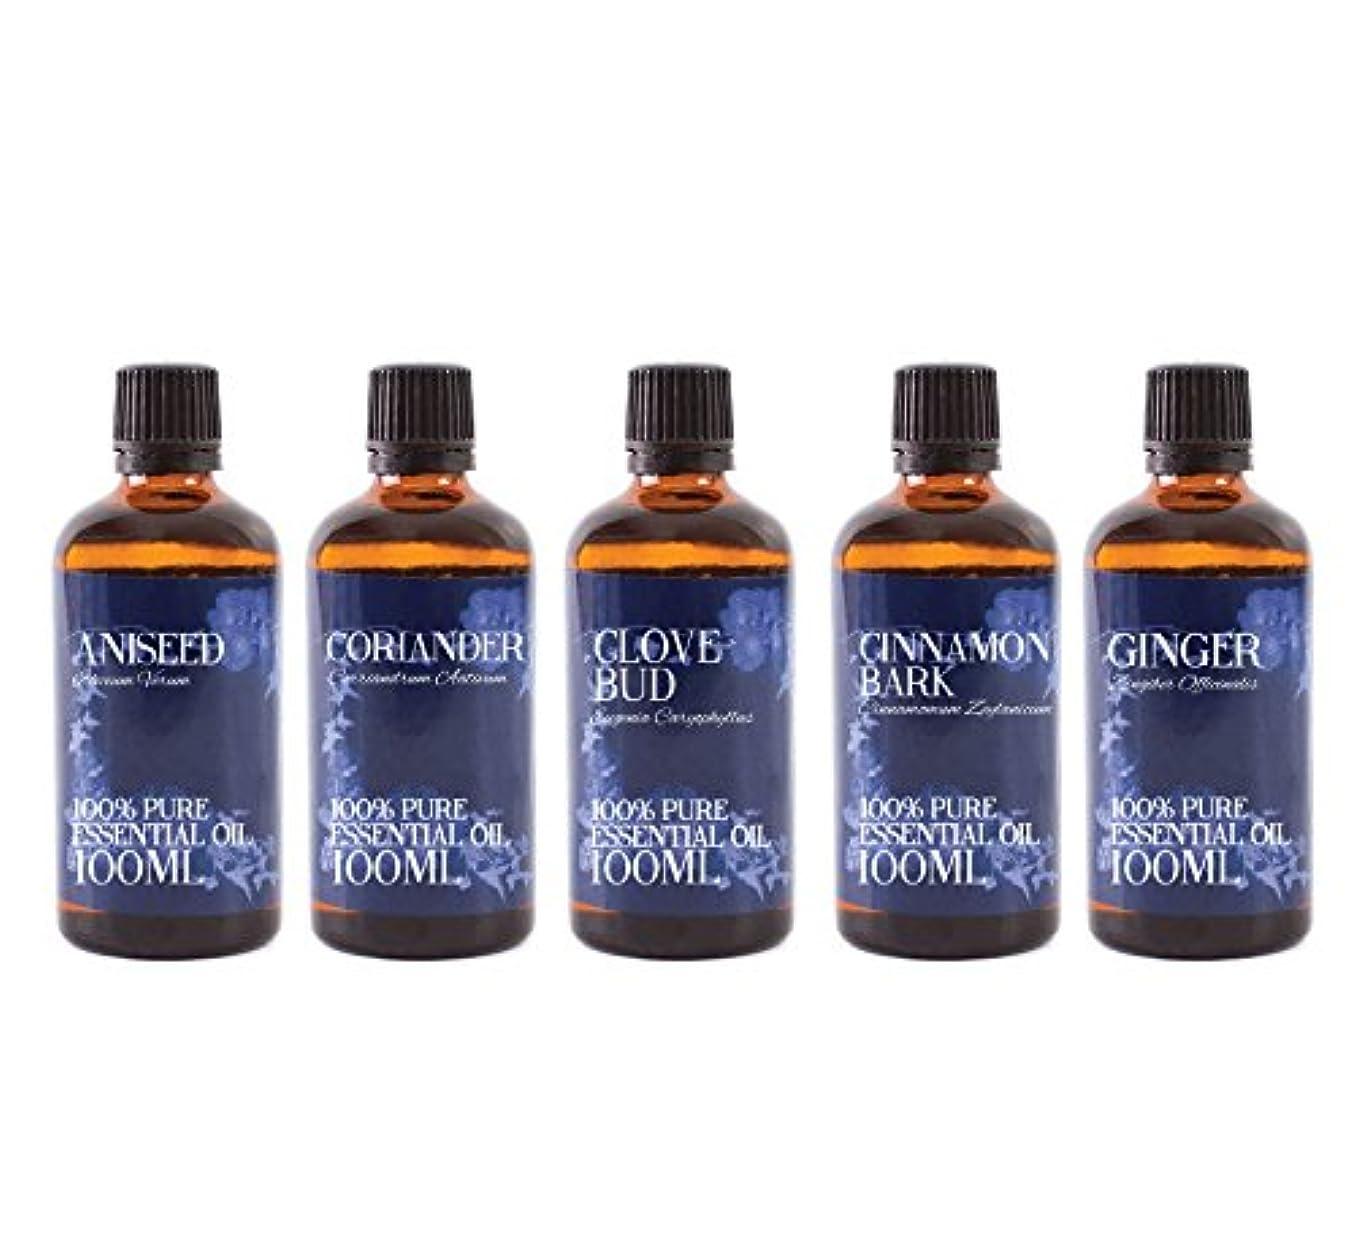 潮よく話される行くMystic Moments   Gift Starter Pack of 5 x 100ml Spice Essential Oils